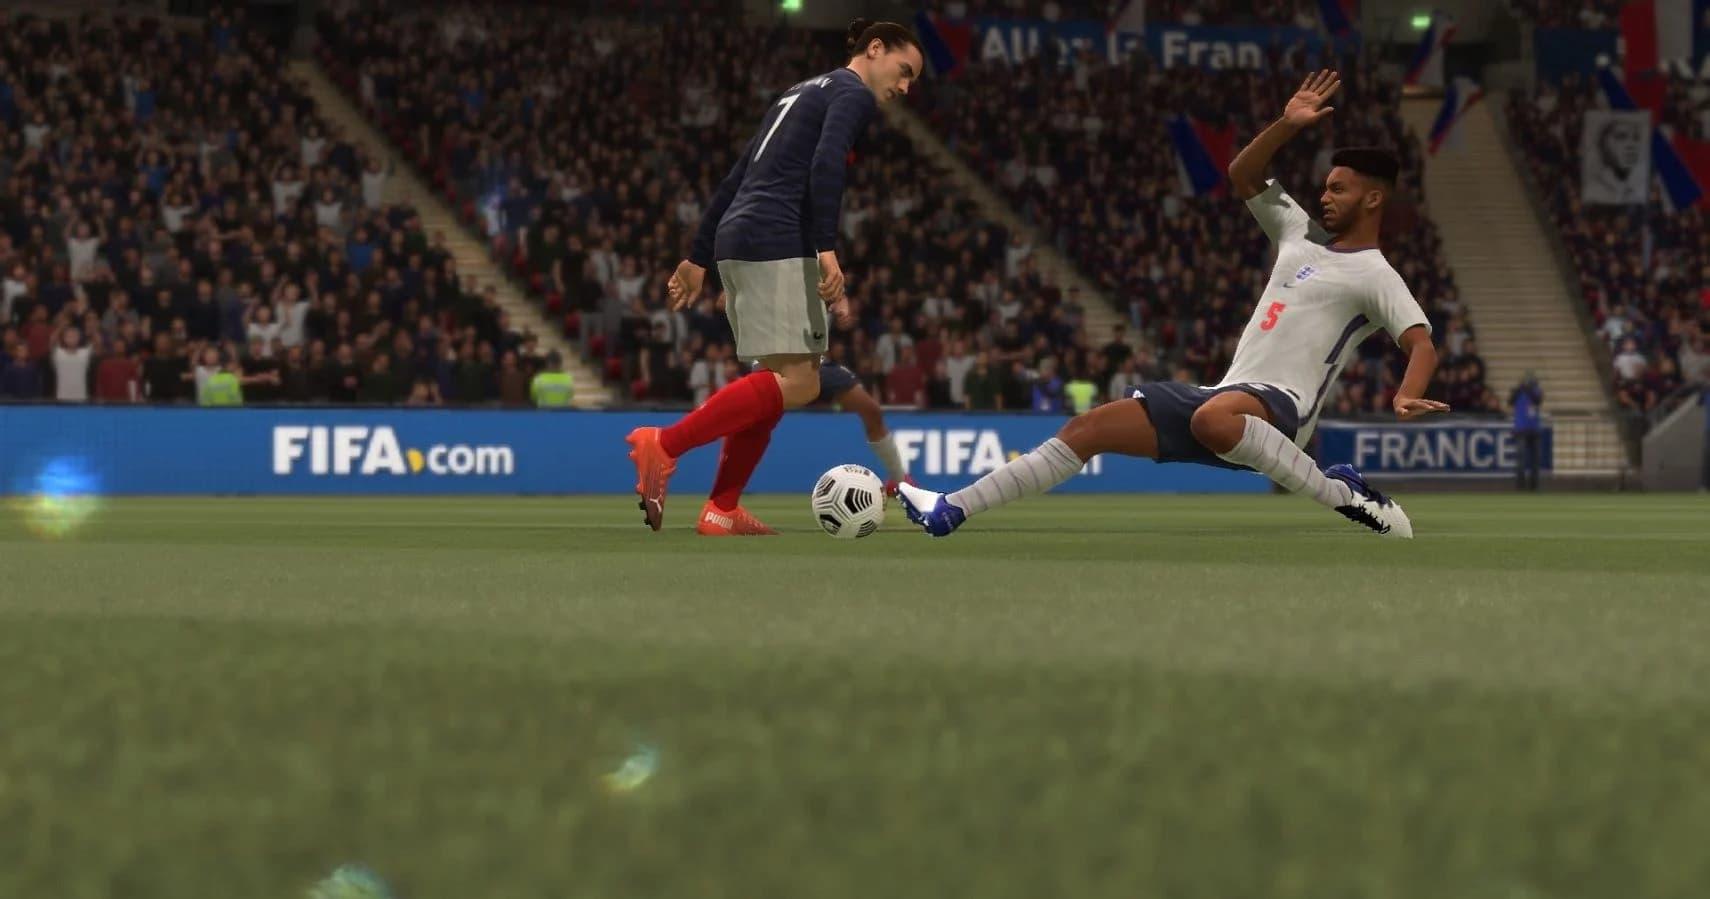 Obtén sobres gratis con los últimos hitos del FUT de FIFA 21 | Kyaooo